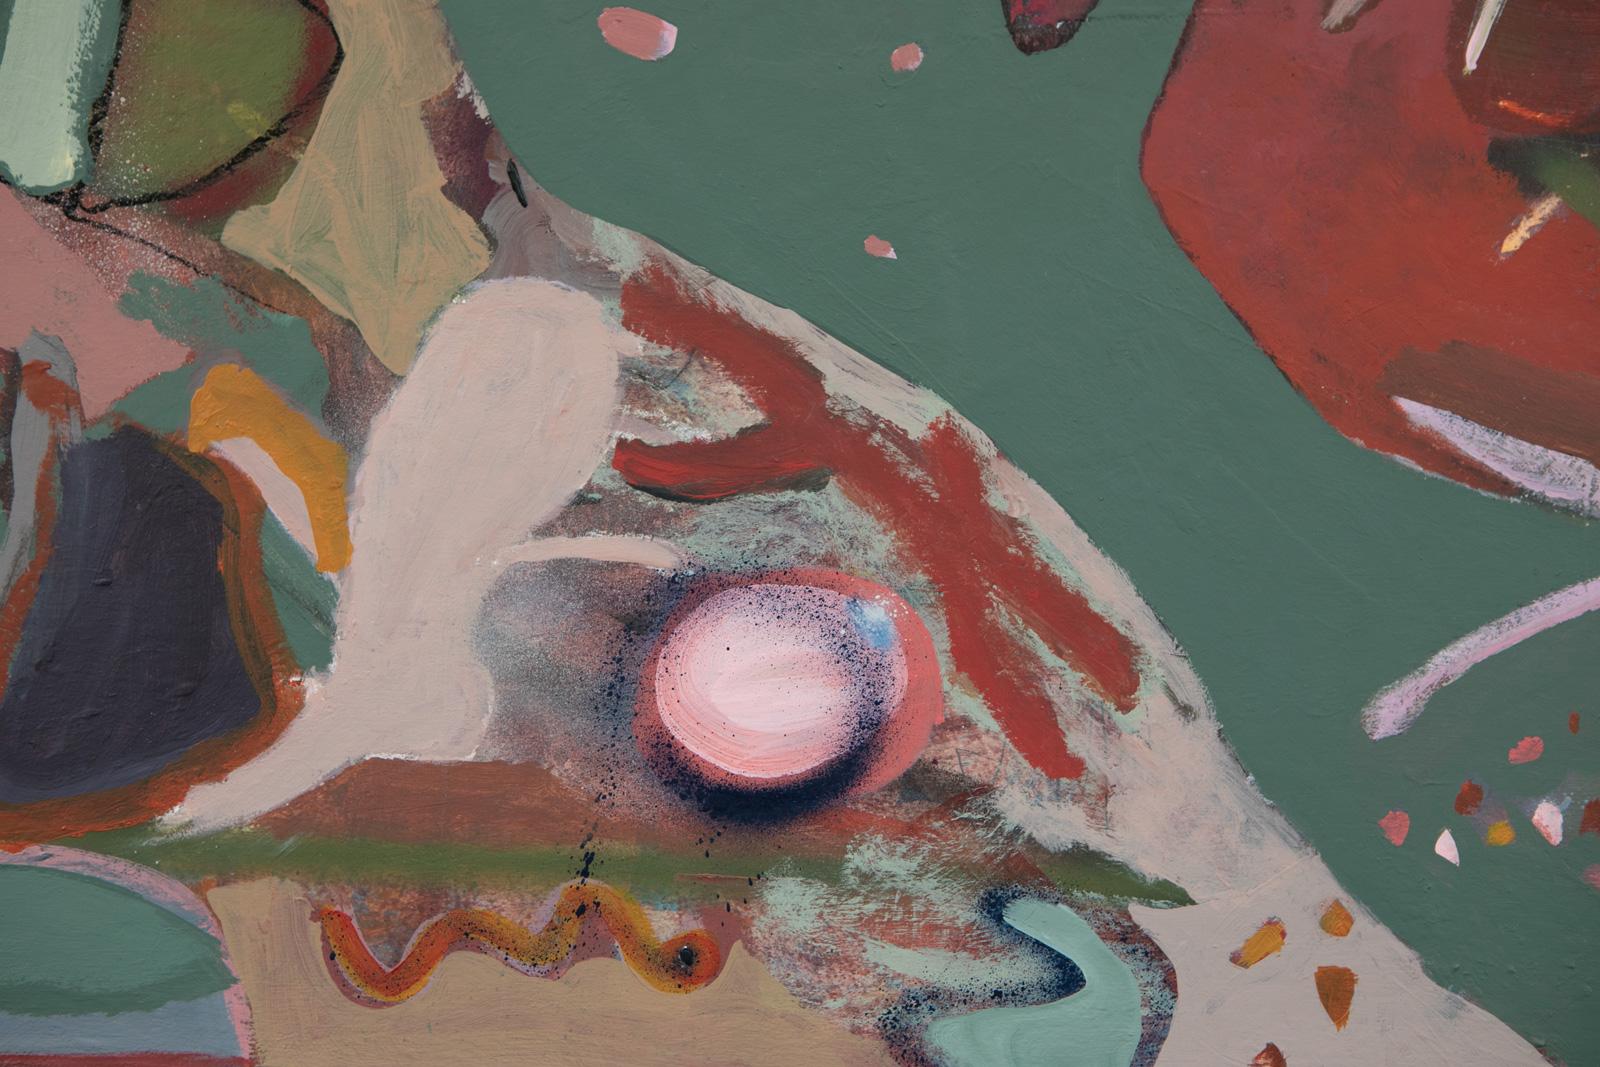 james watkins artist nz_new zealand_02